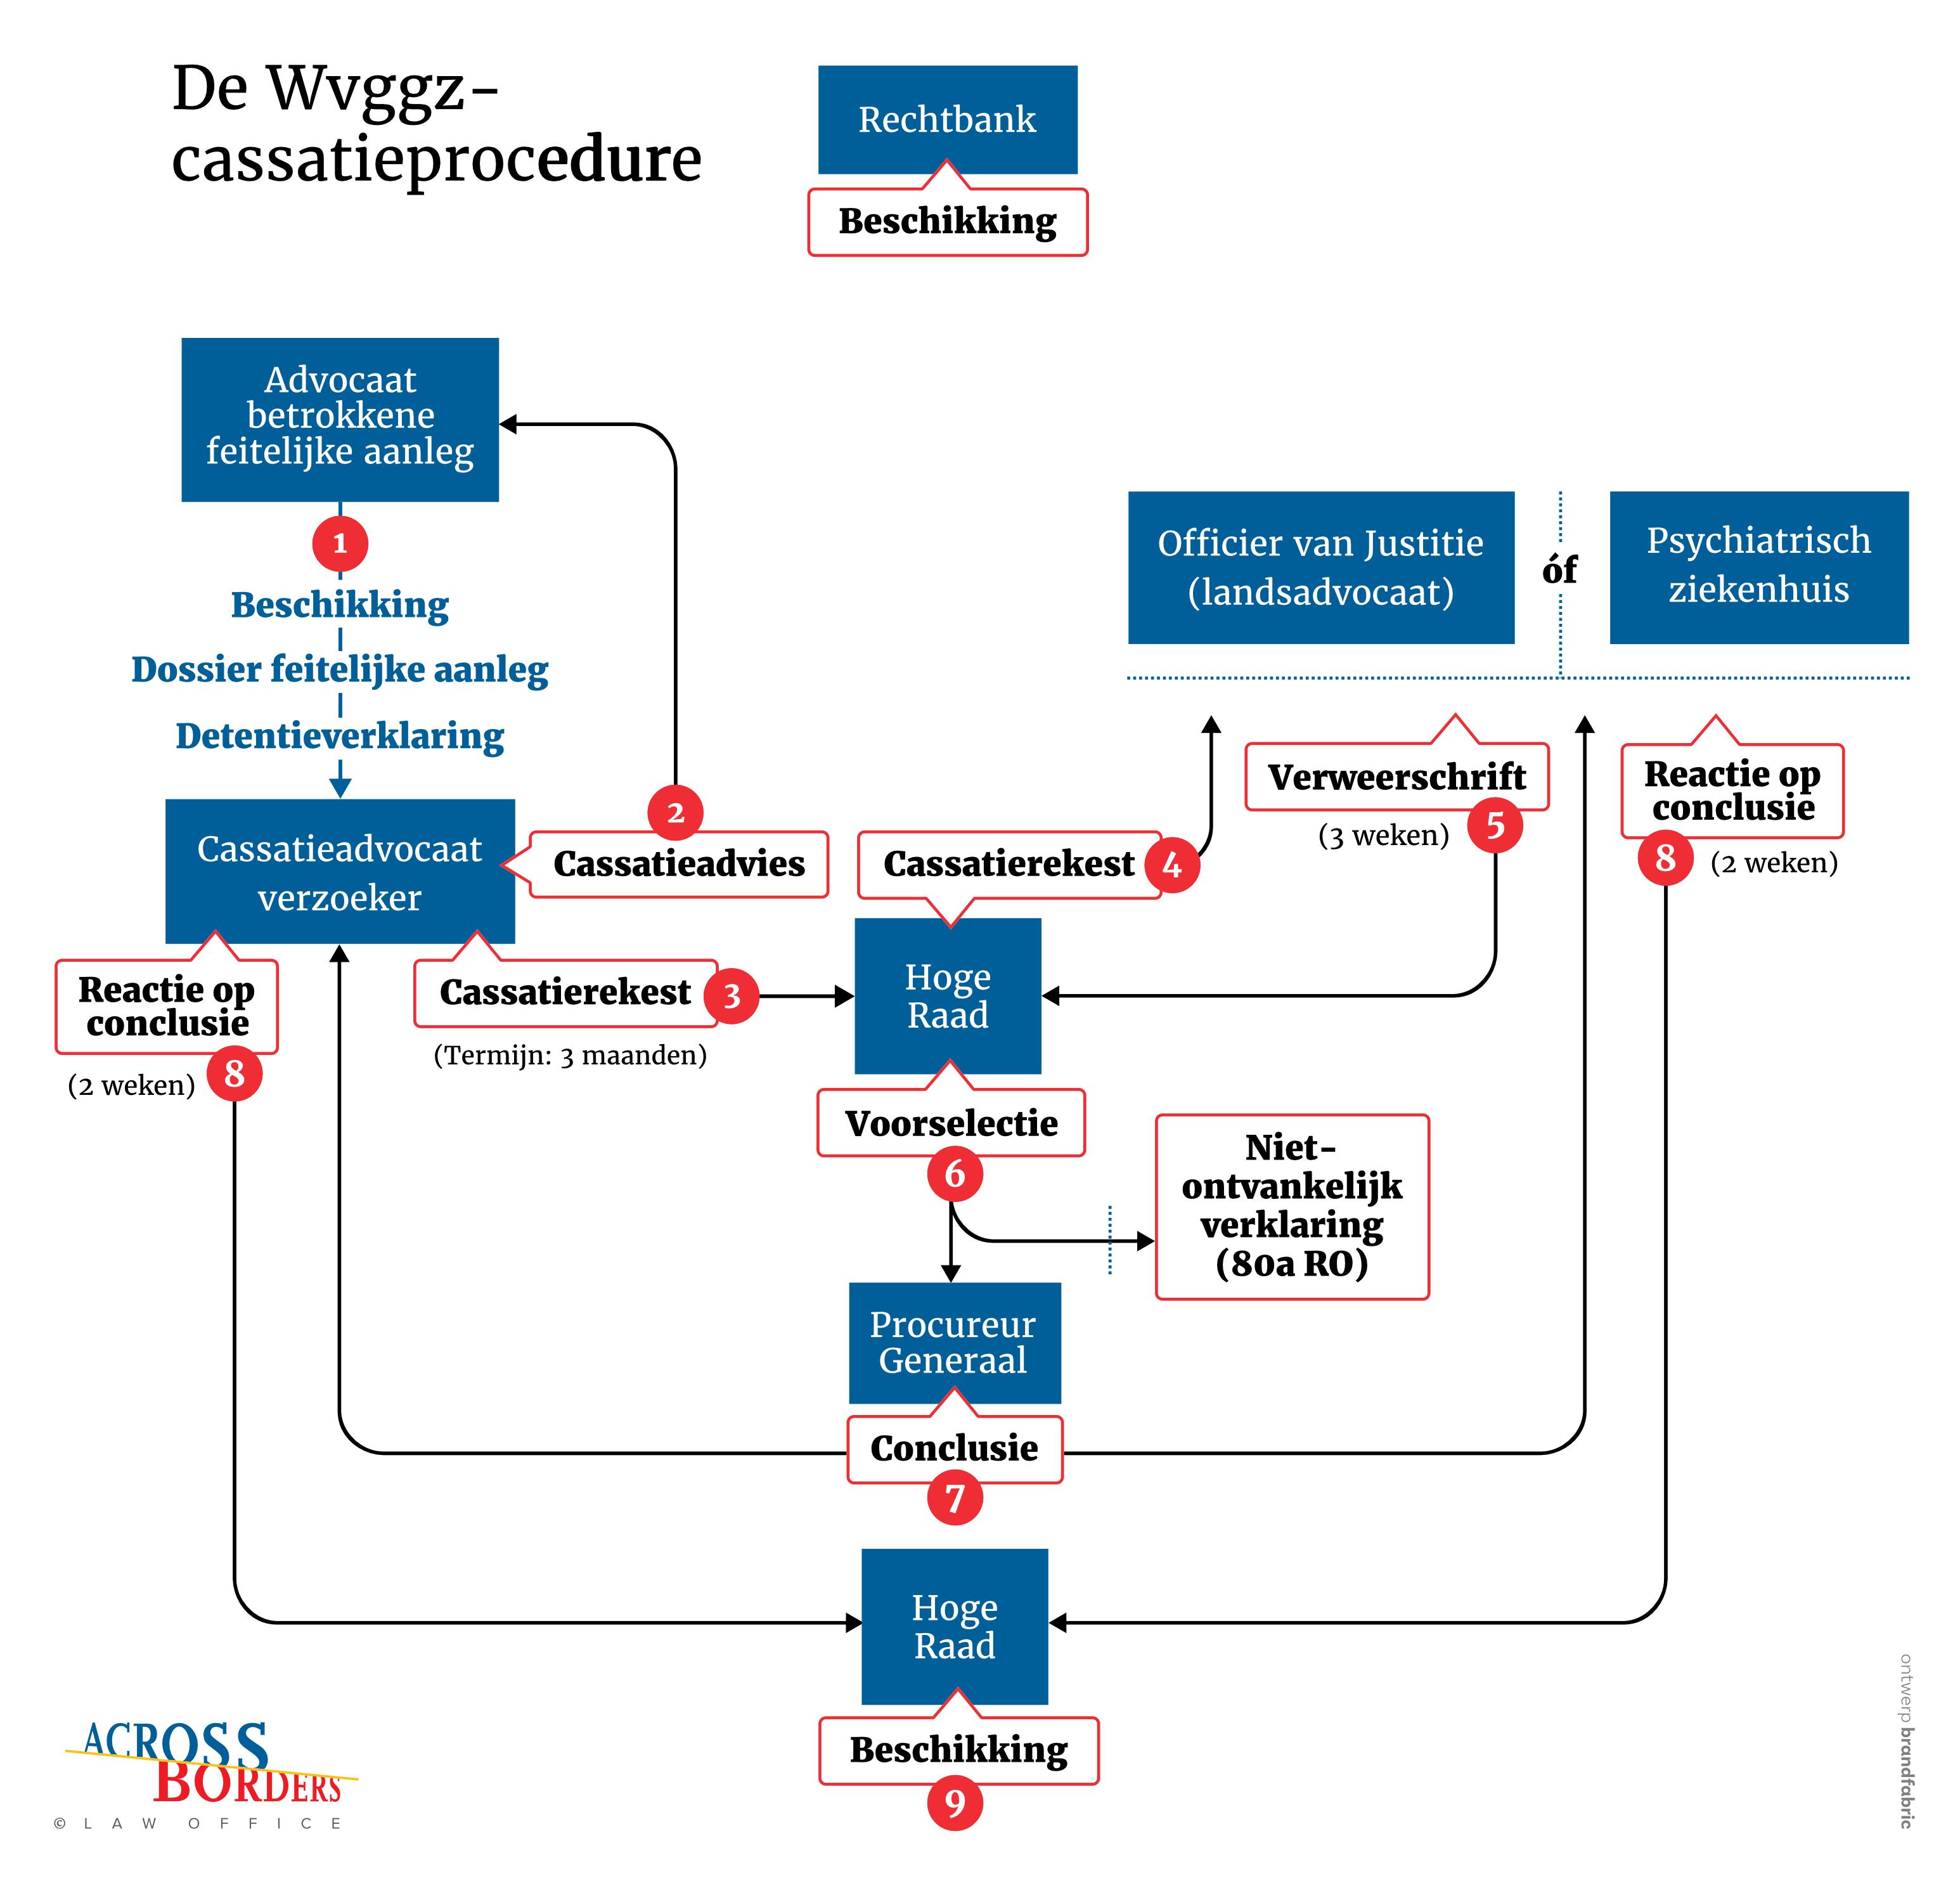 Stroomschema cassatieprocedure WVggz